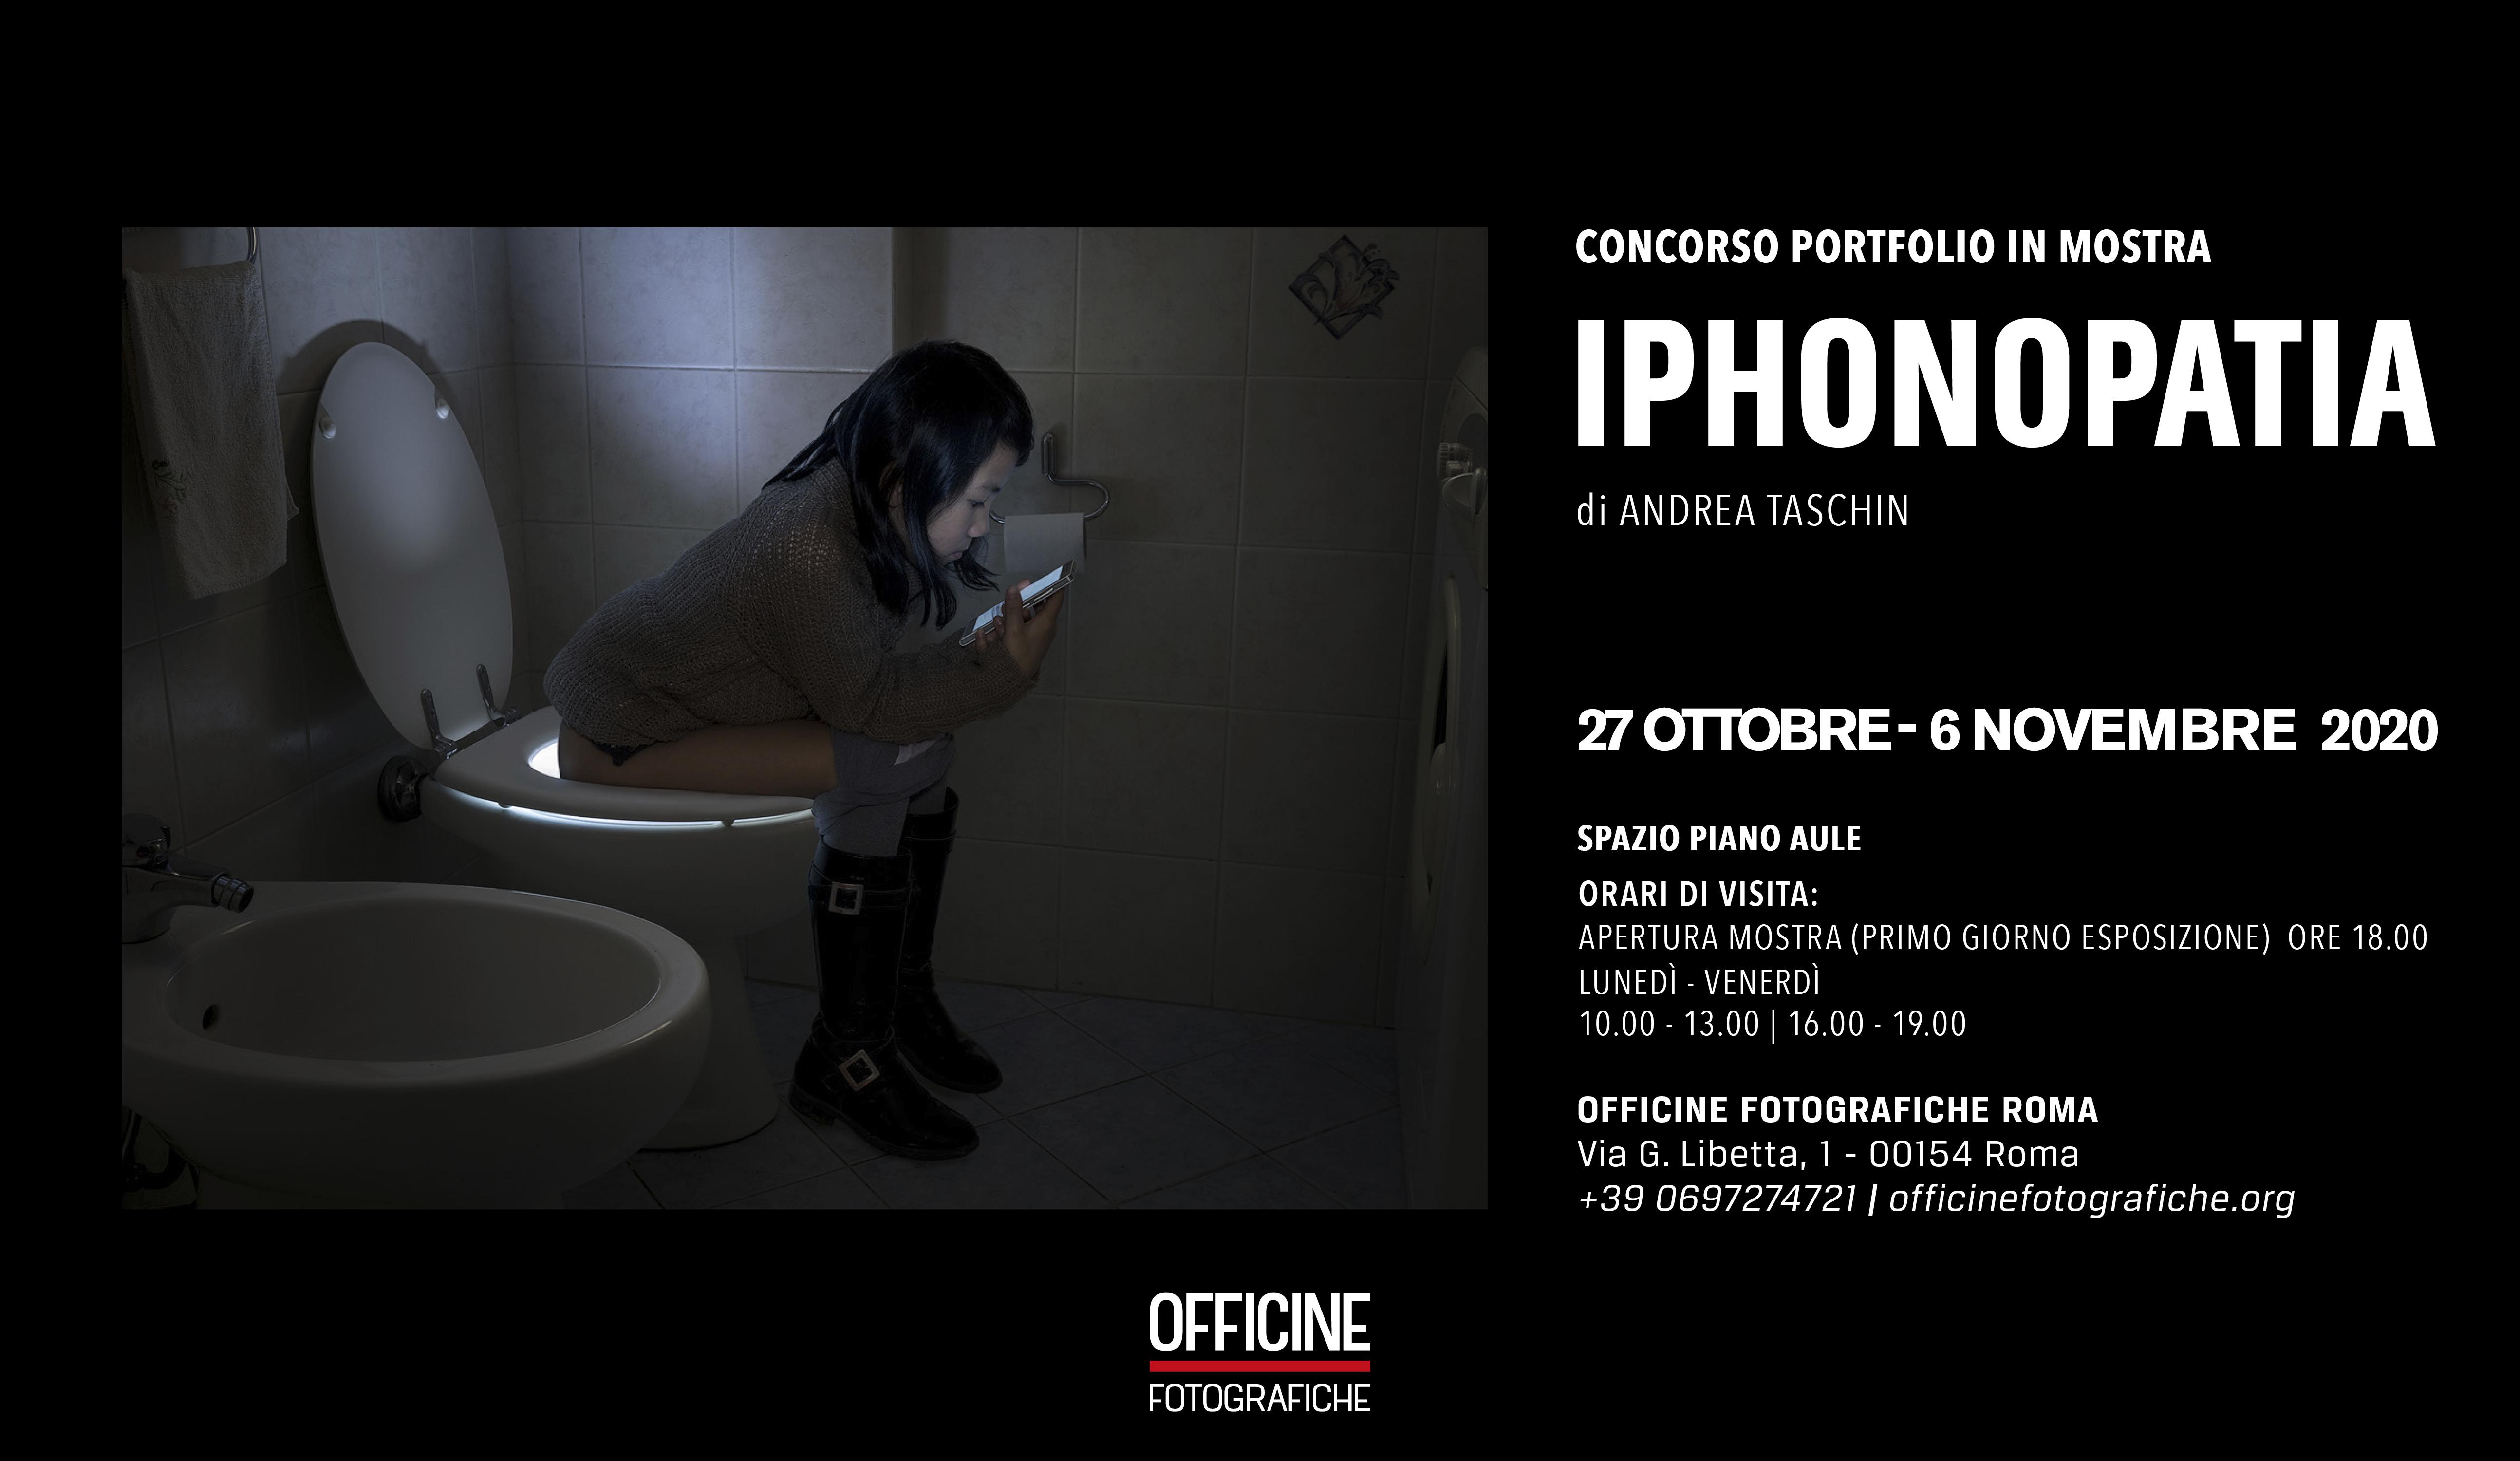 3-Slide_Portfoli_Taschin